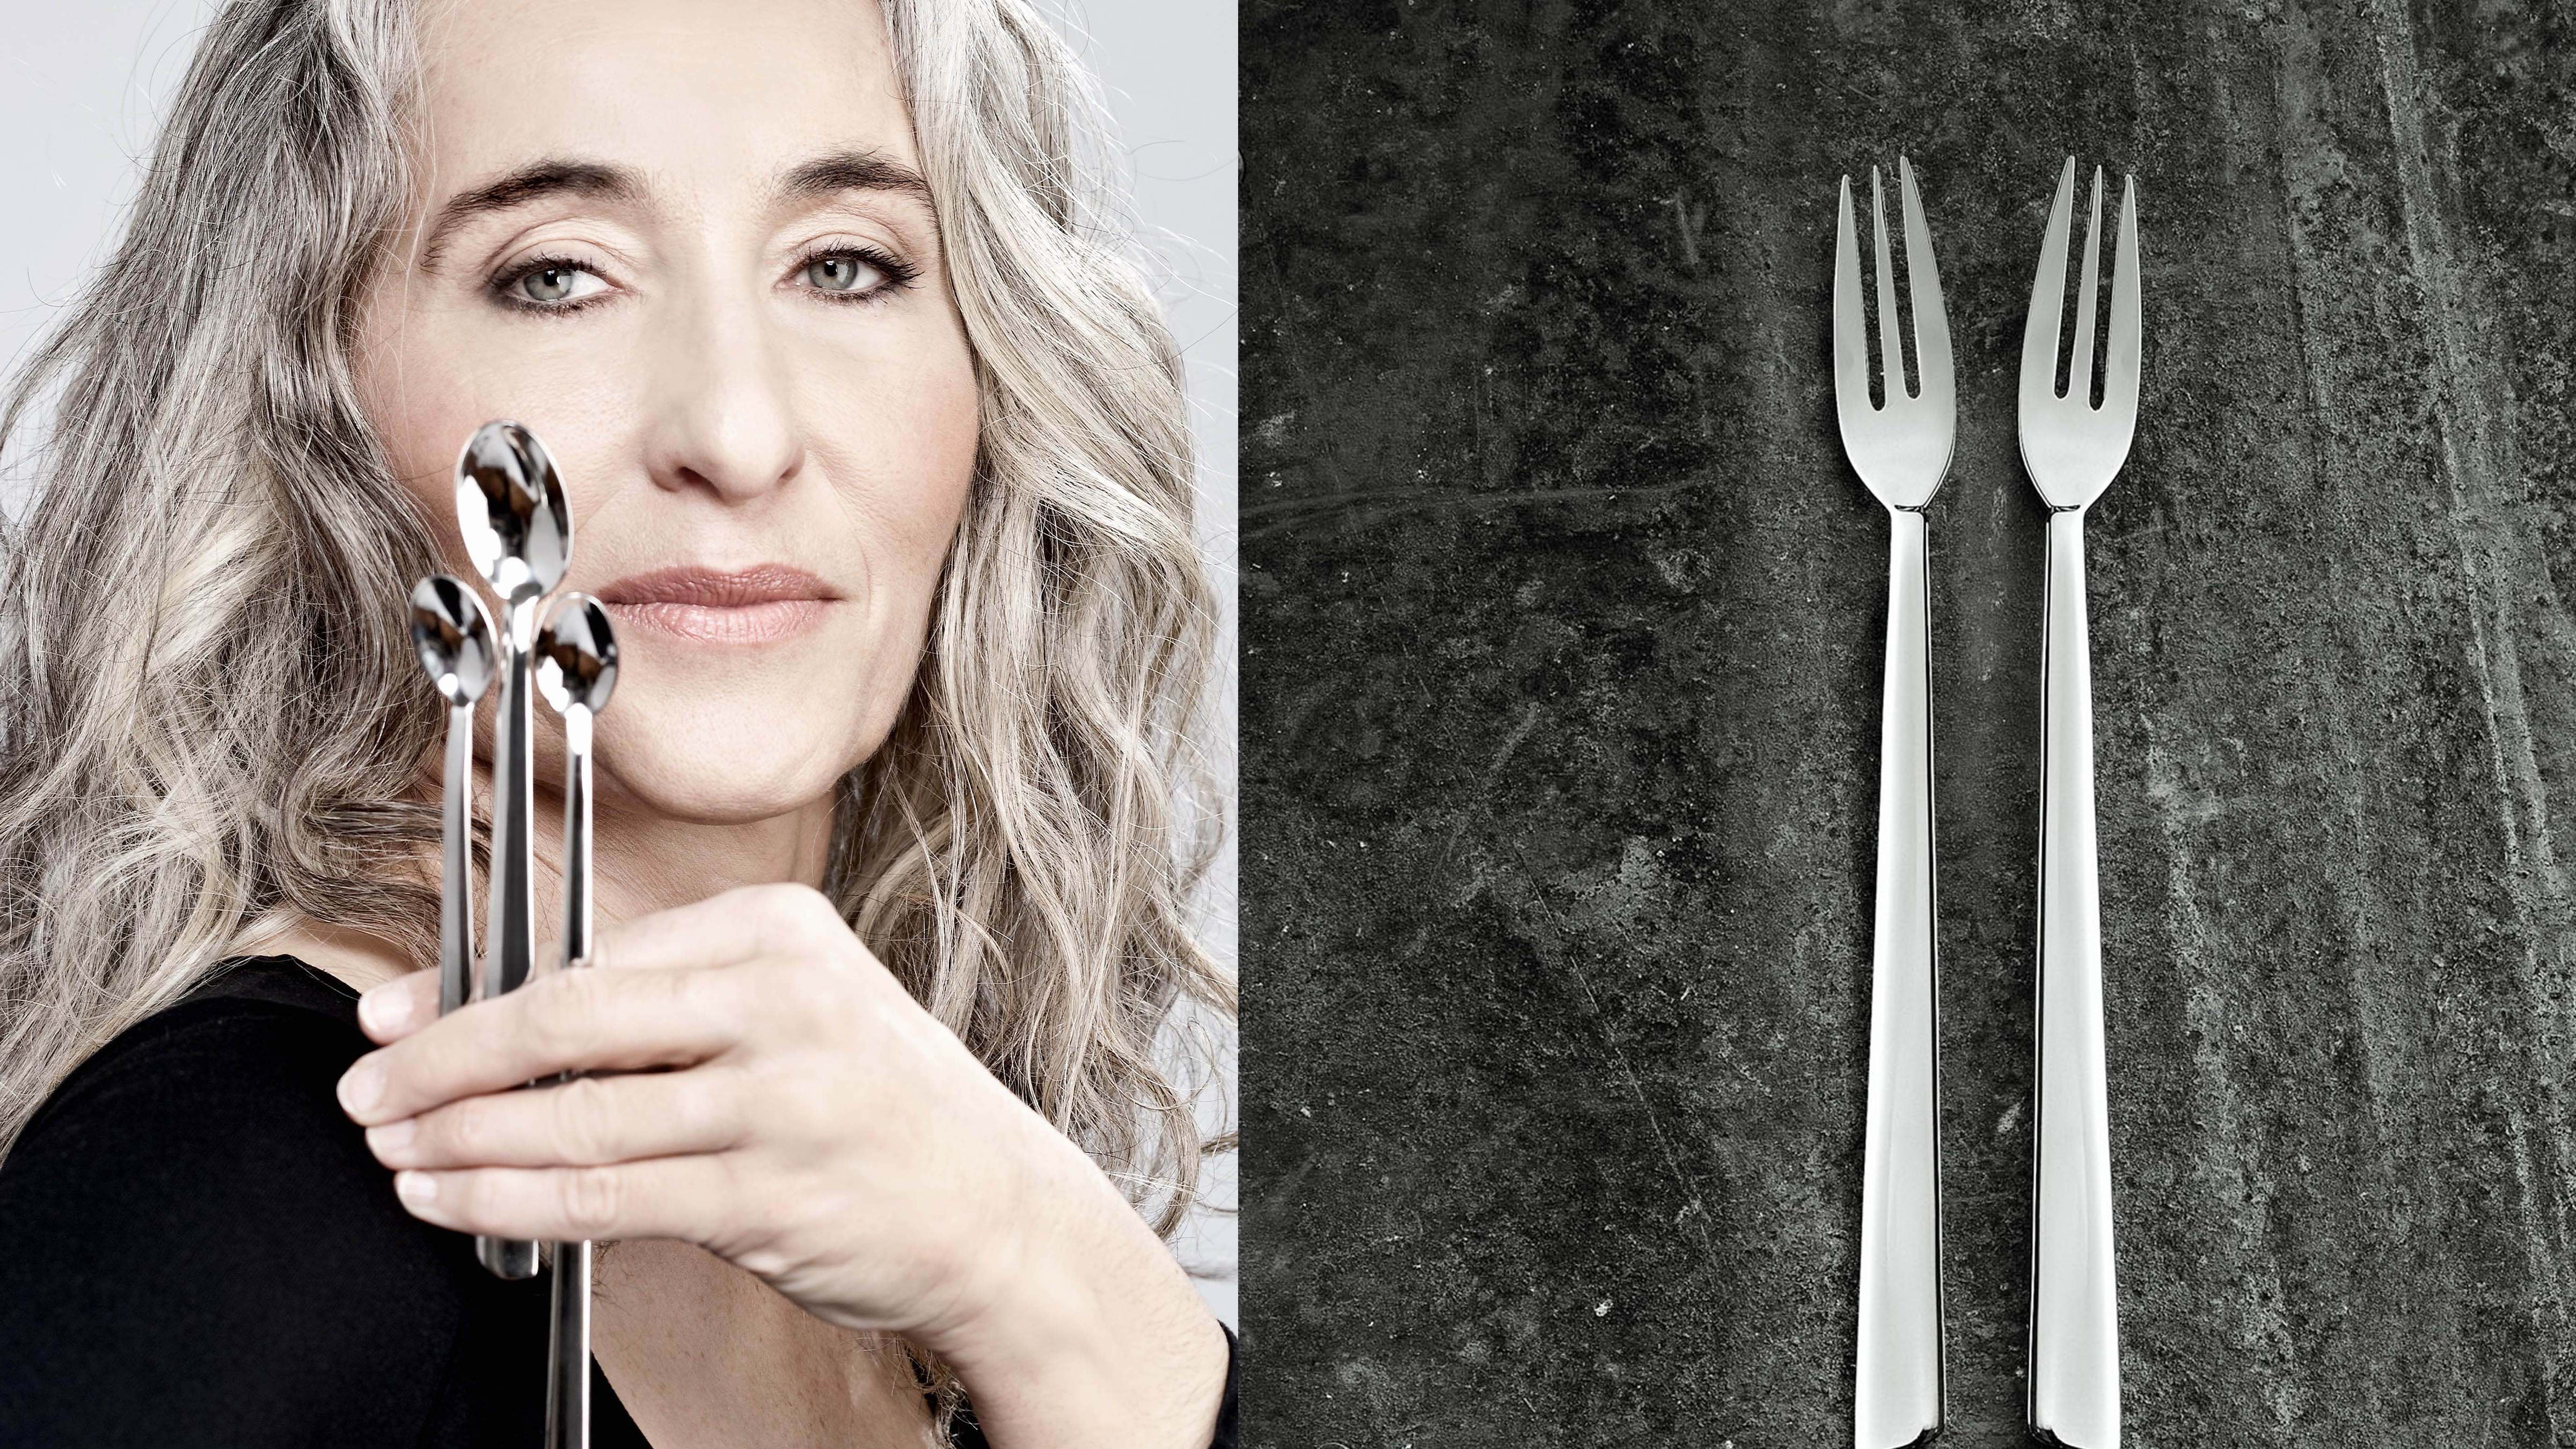 From L to R: Vera Purtscher, designer / Desert spoons | © Christian Postl / Alexander Bayer